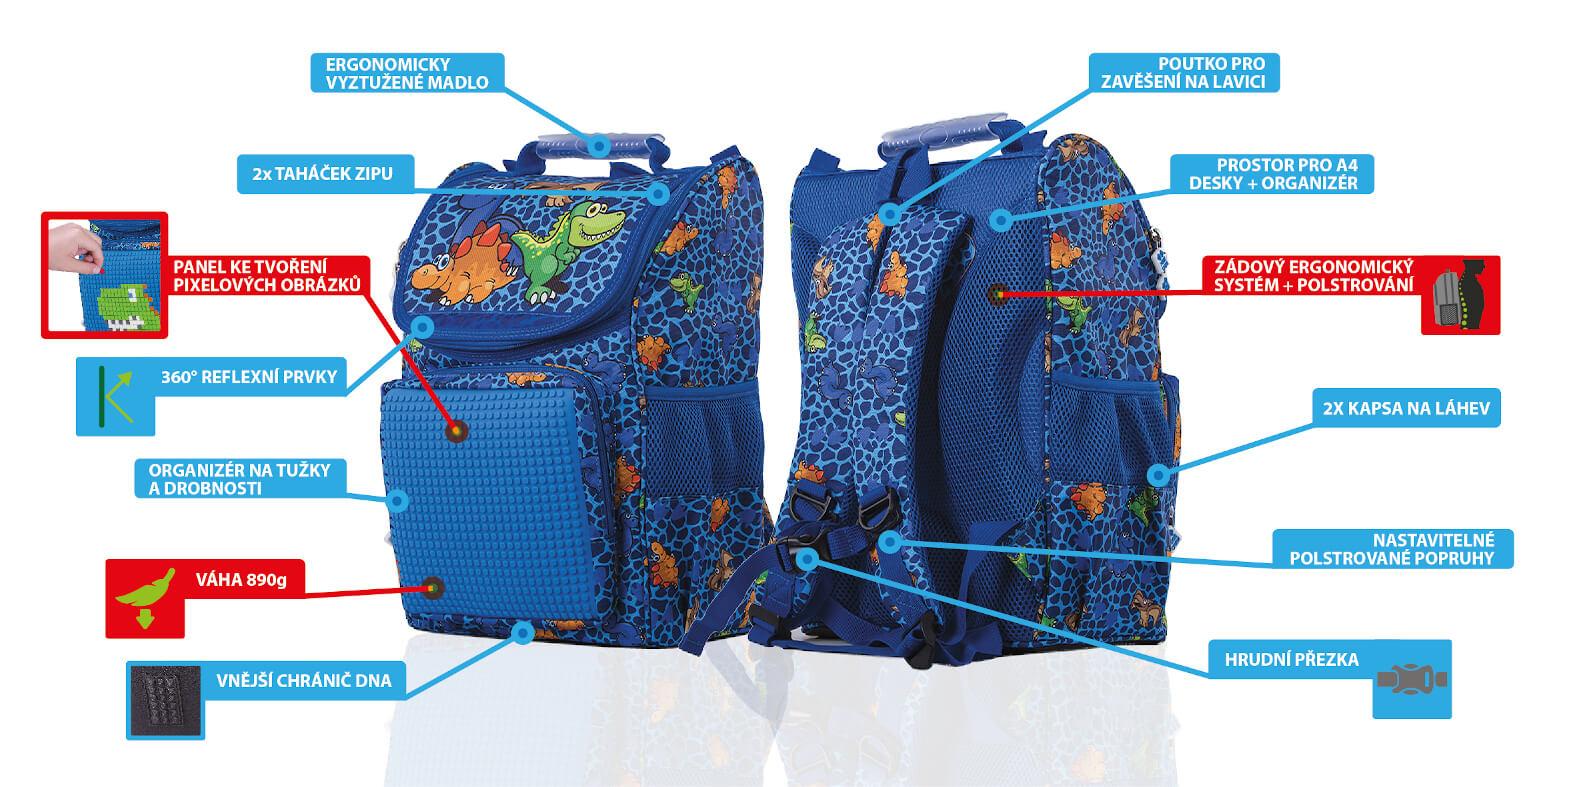 Výhody oblíbeného chlapeckého školního batohu / aktovky s dinosaury od PIXIE CREW